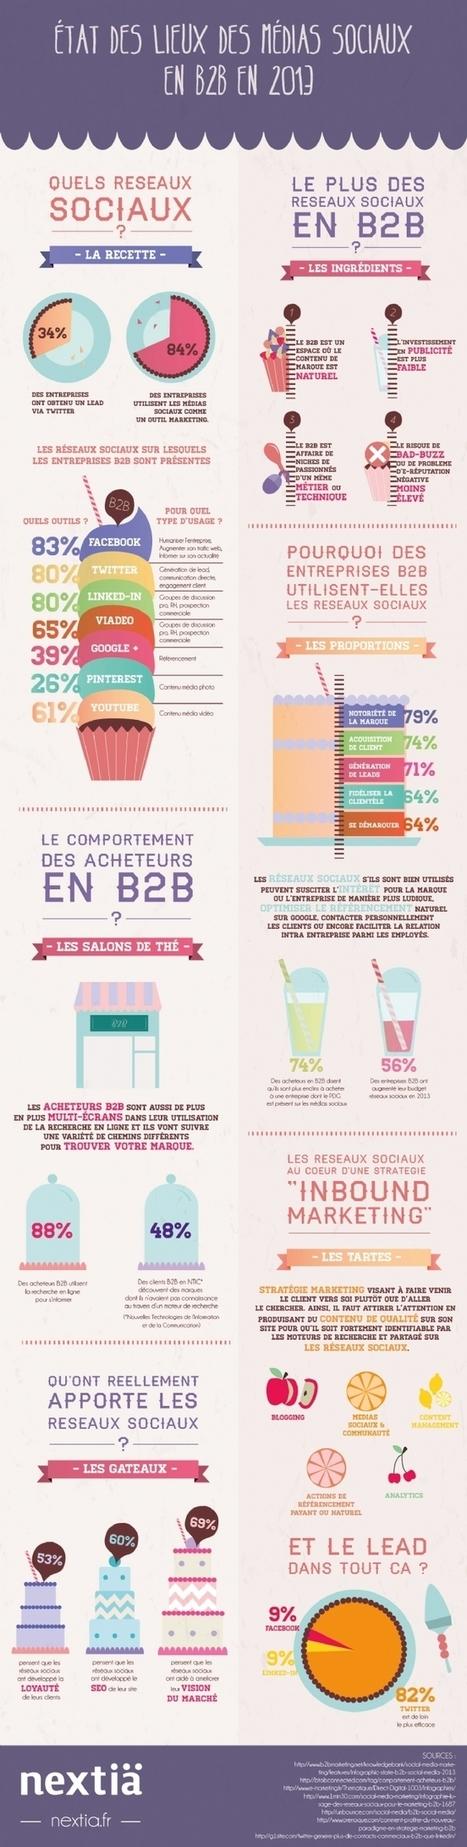 Les médias sociaux en B to B | Webmarketing | Scoop.it